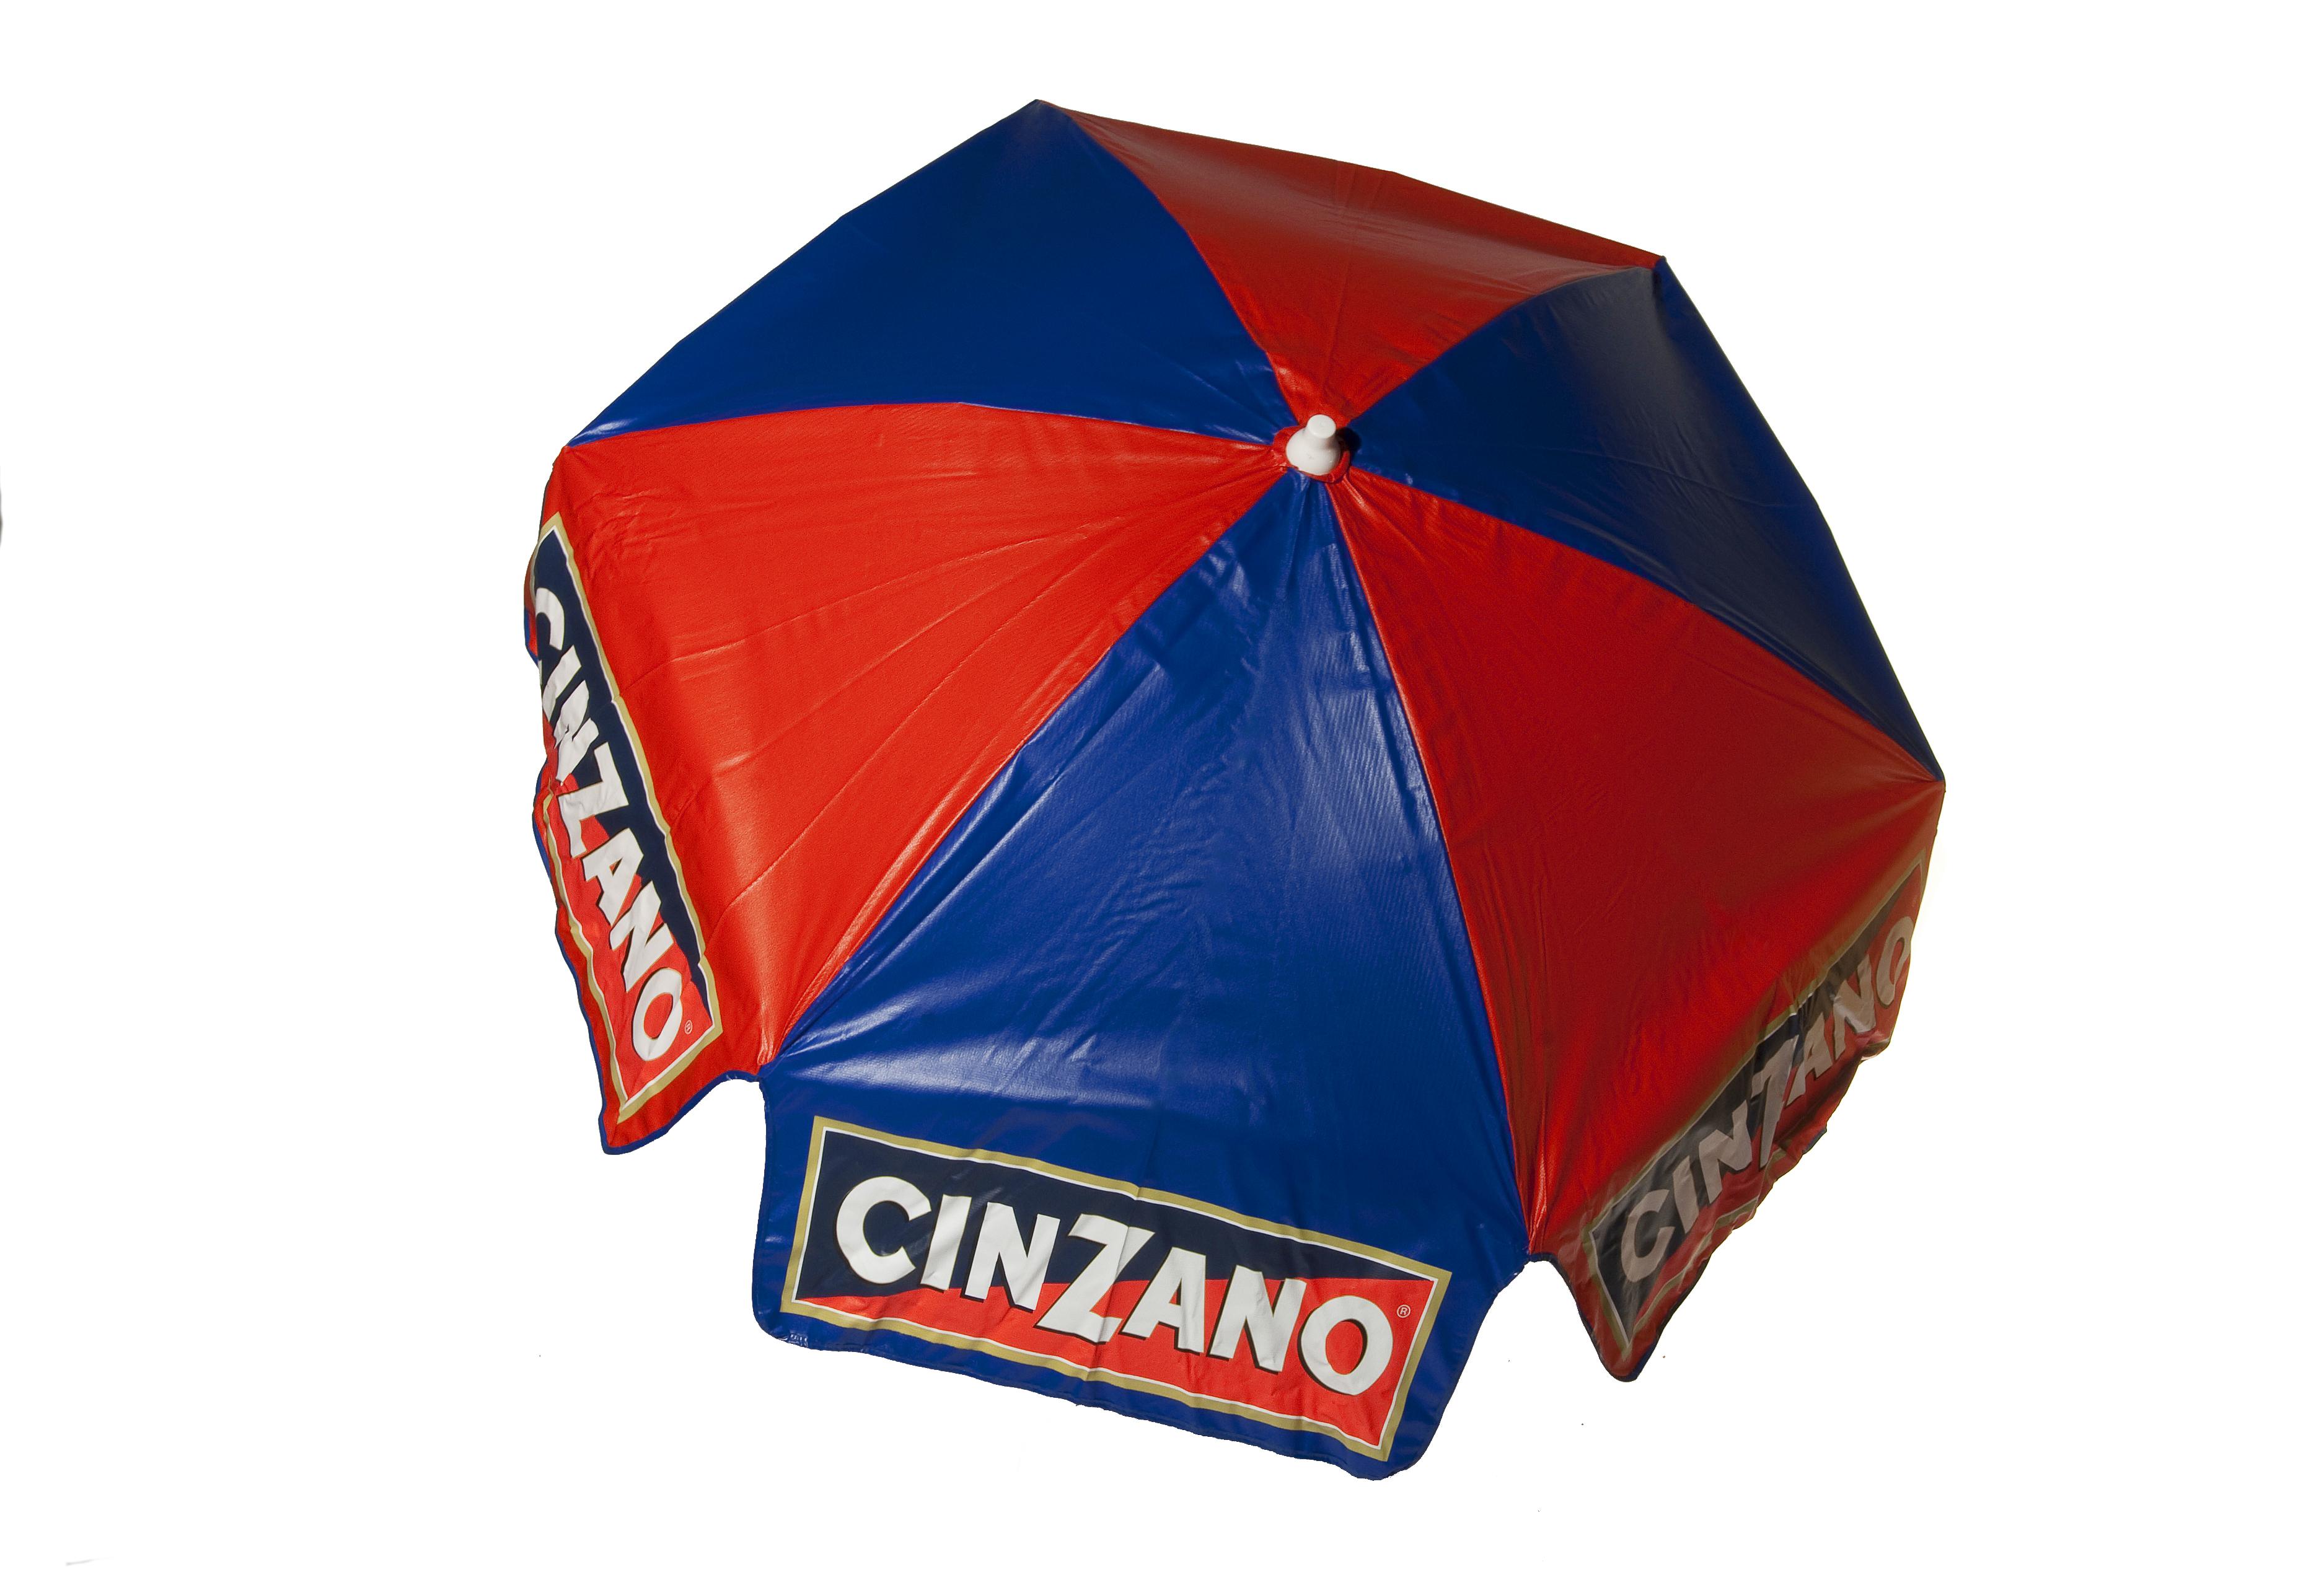 6' Cinzano Vinyl Patio Umbrella